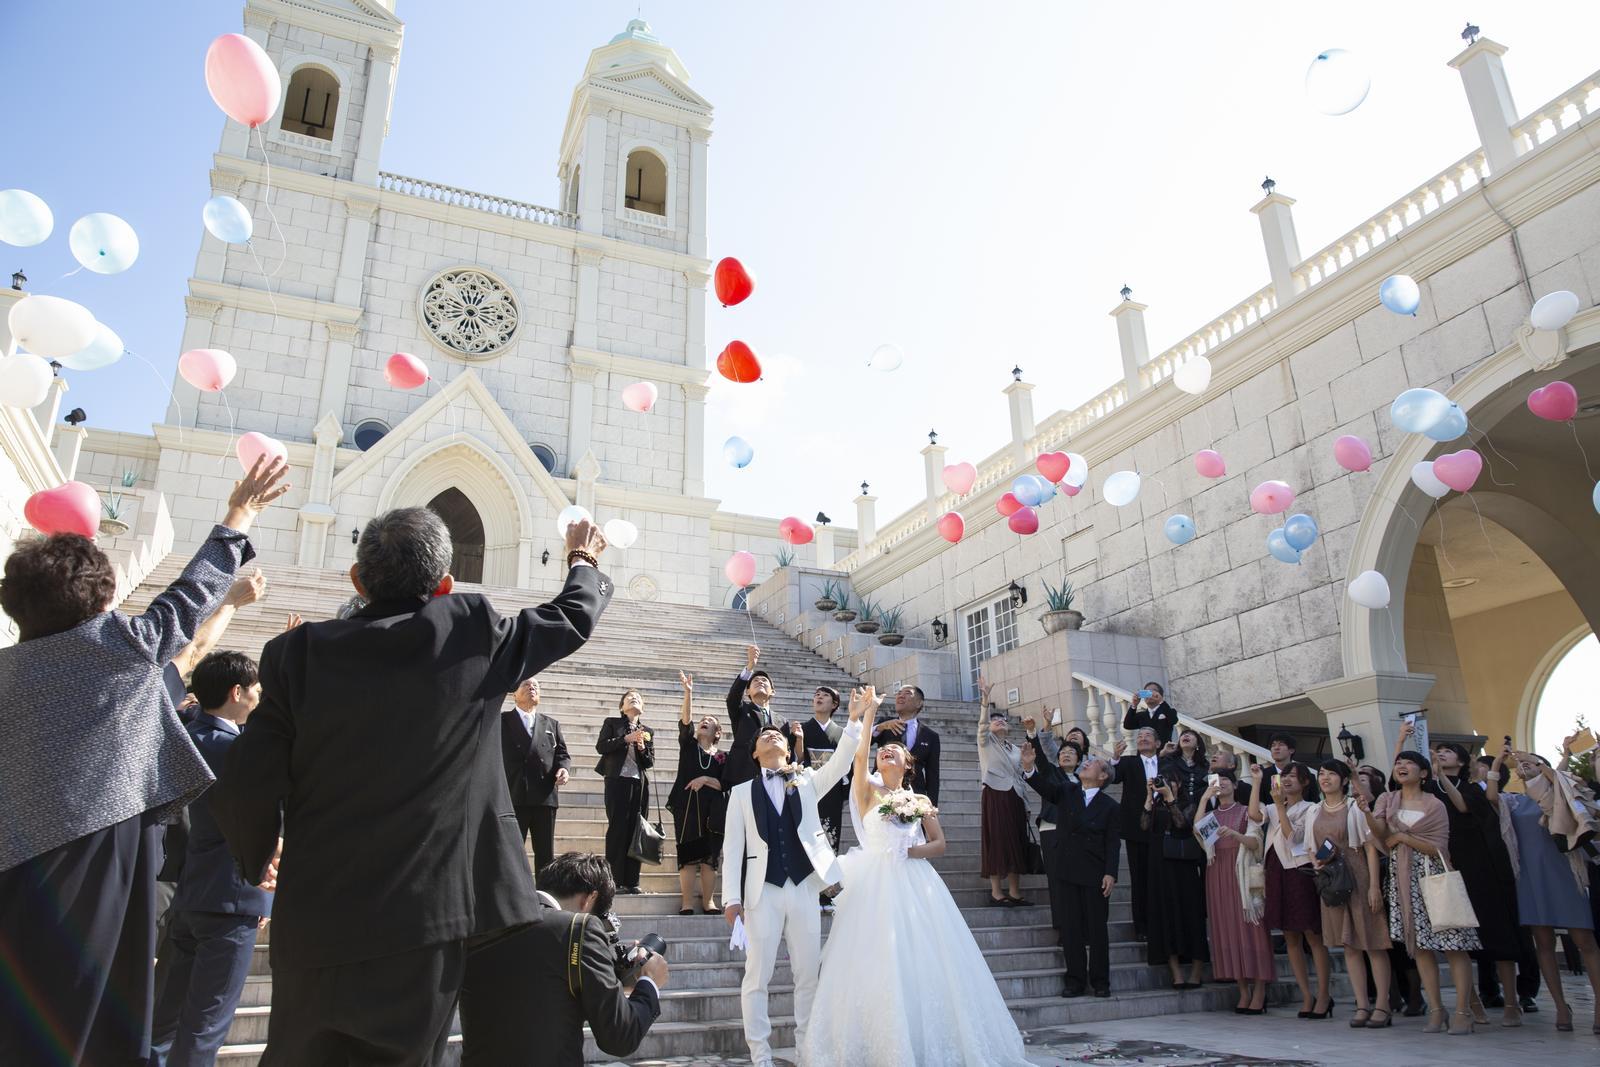 香川県の結婚式場シェルエメール&アイスタイルのバルーンリリース